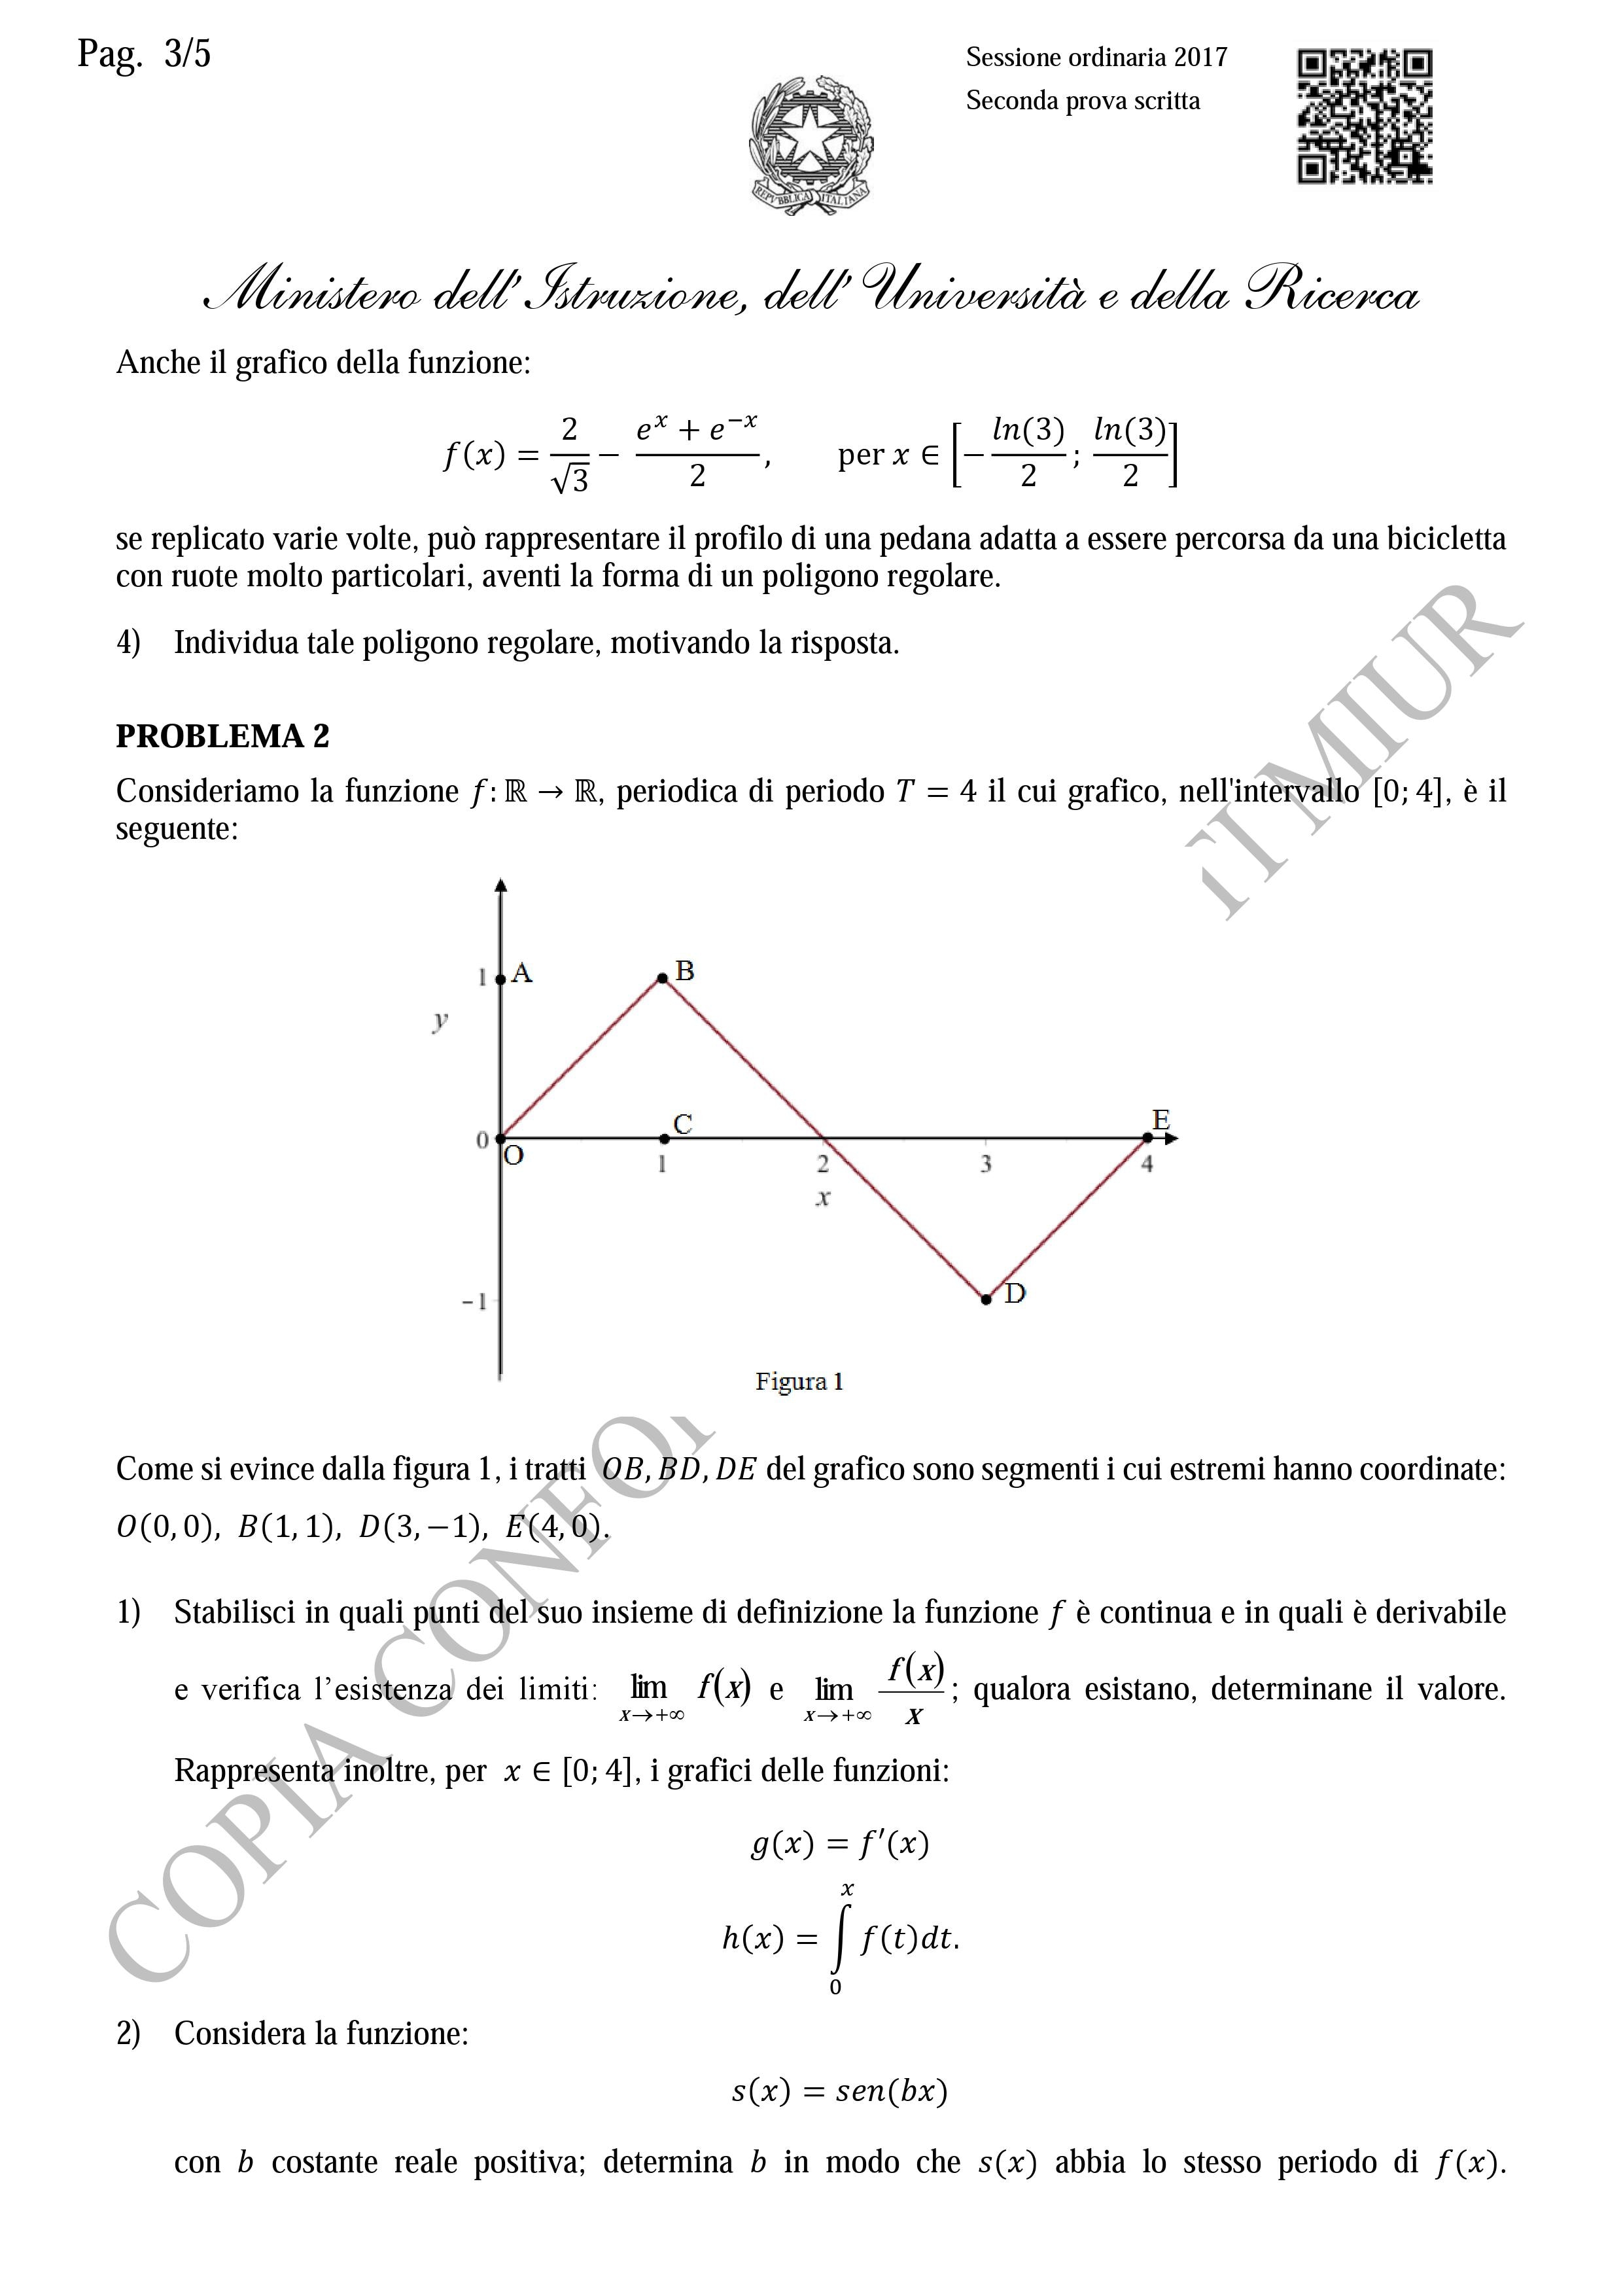 Traccia Matematica seconda prova Liceo Scientifico 2017 ...